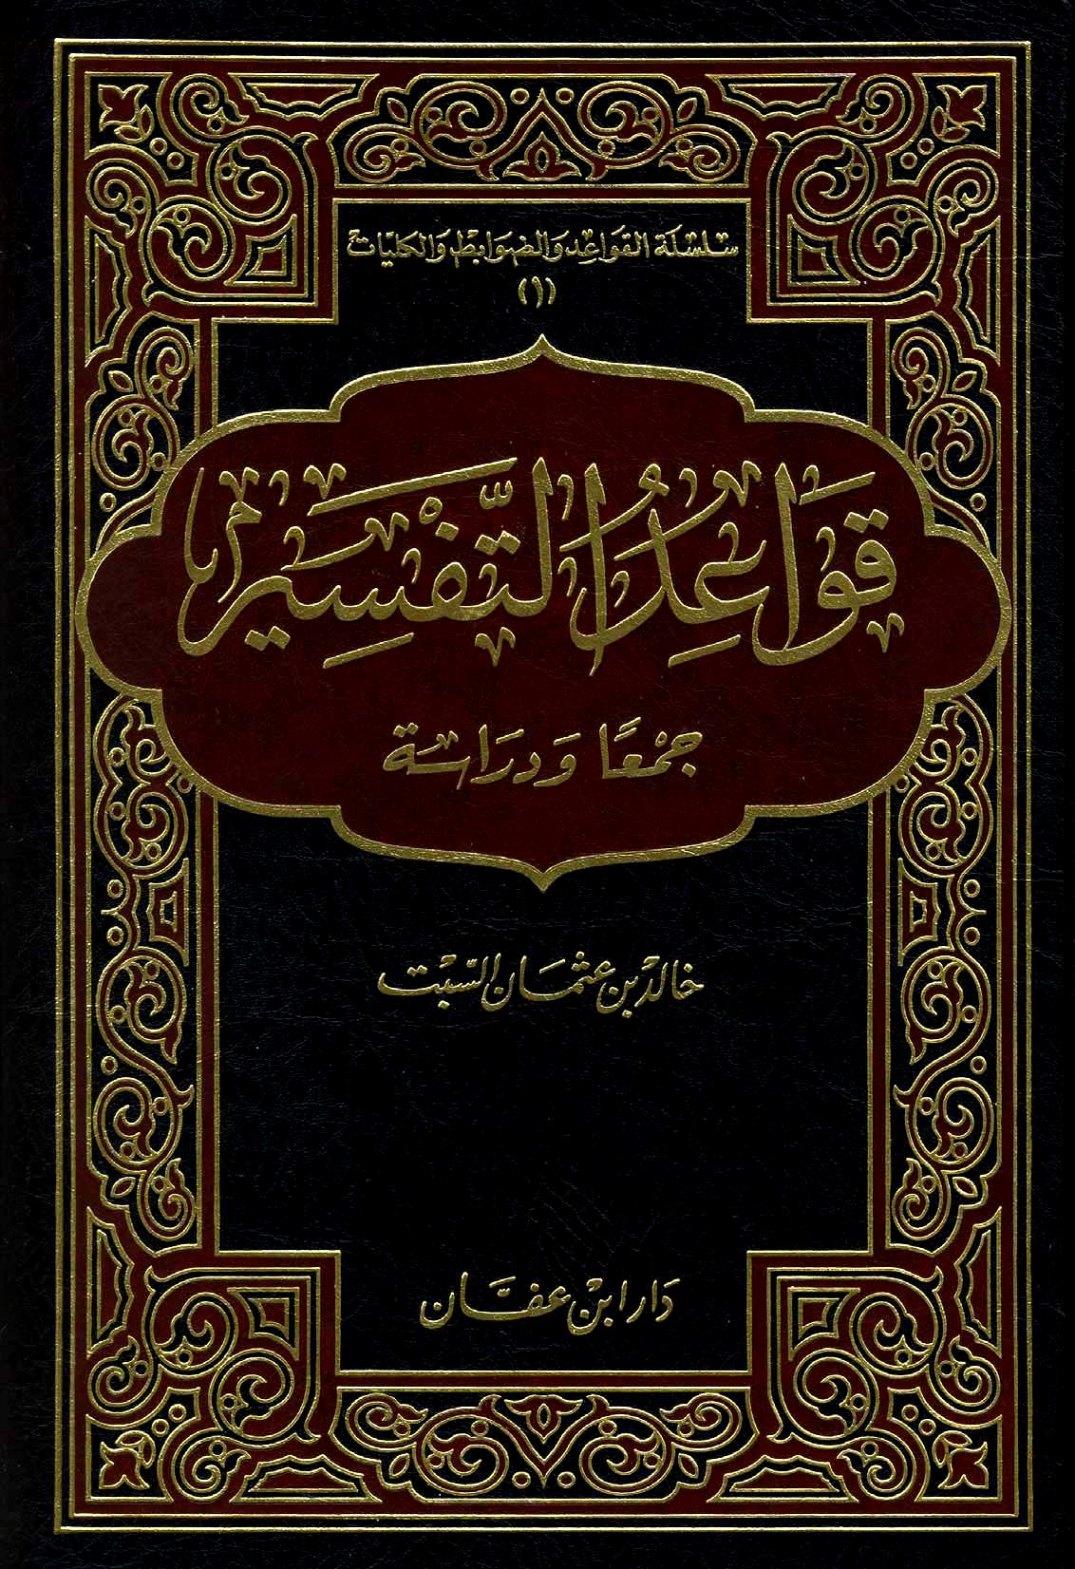 تحميل كتاب قواعد التفسير جمعا ودراسة تأليف خالد السبت pdf مجاناً | المكتبة الإسلامية | مكتبة تحميل كتب pdf